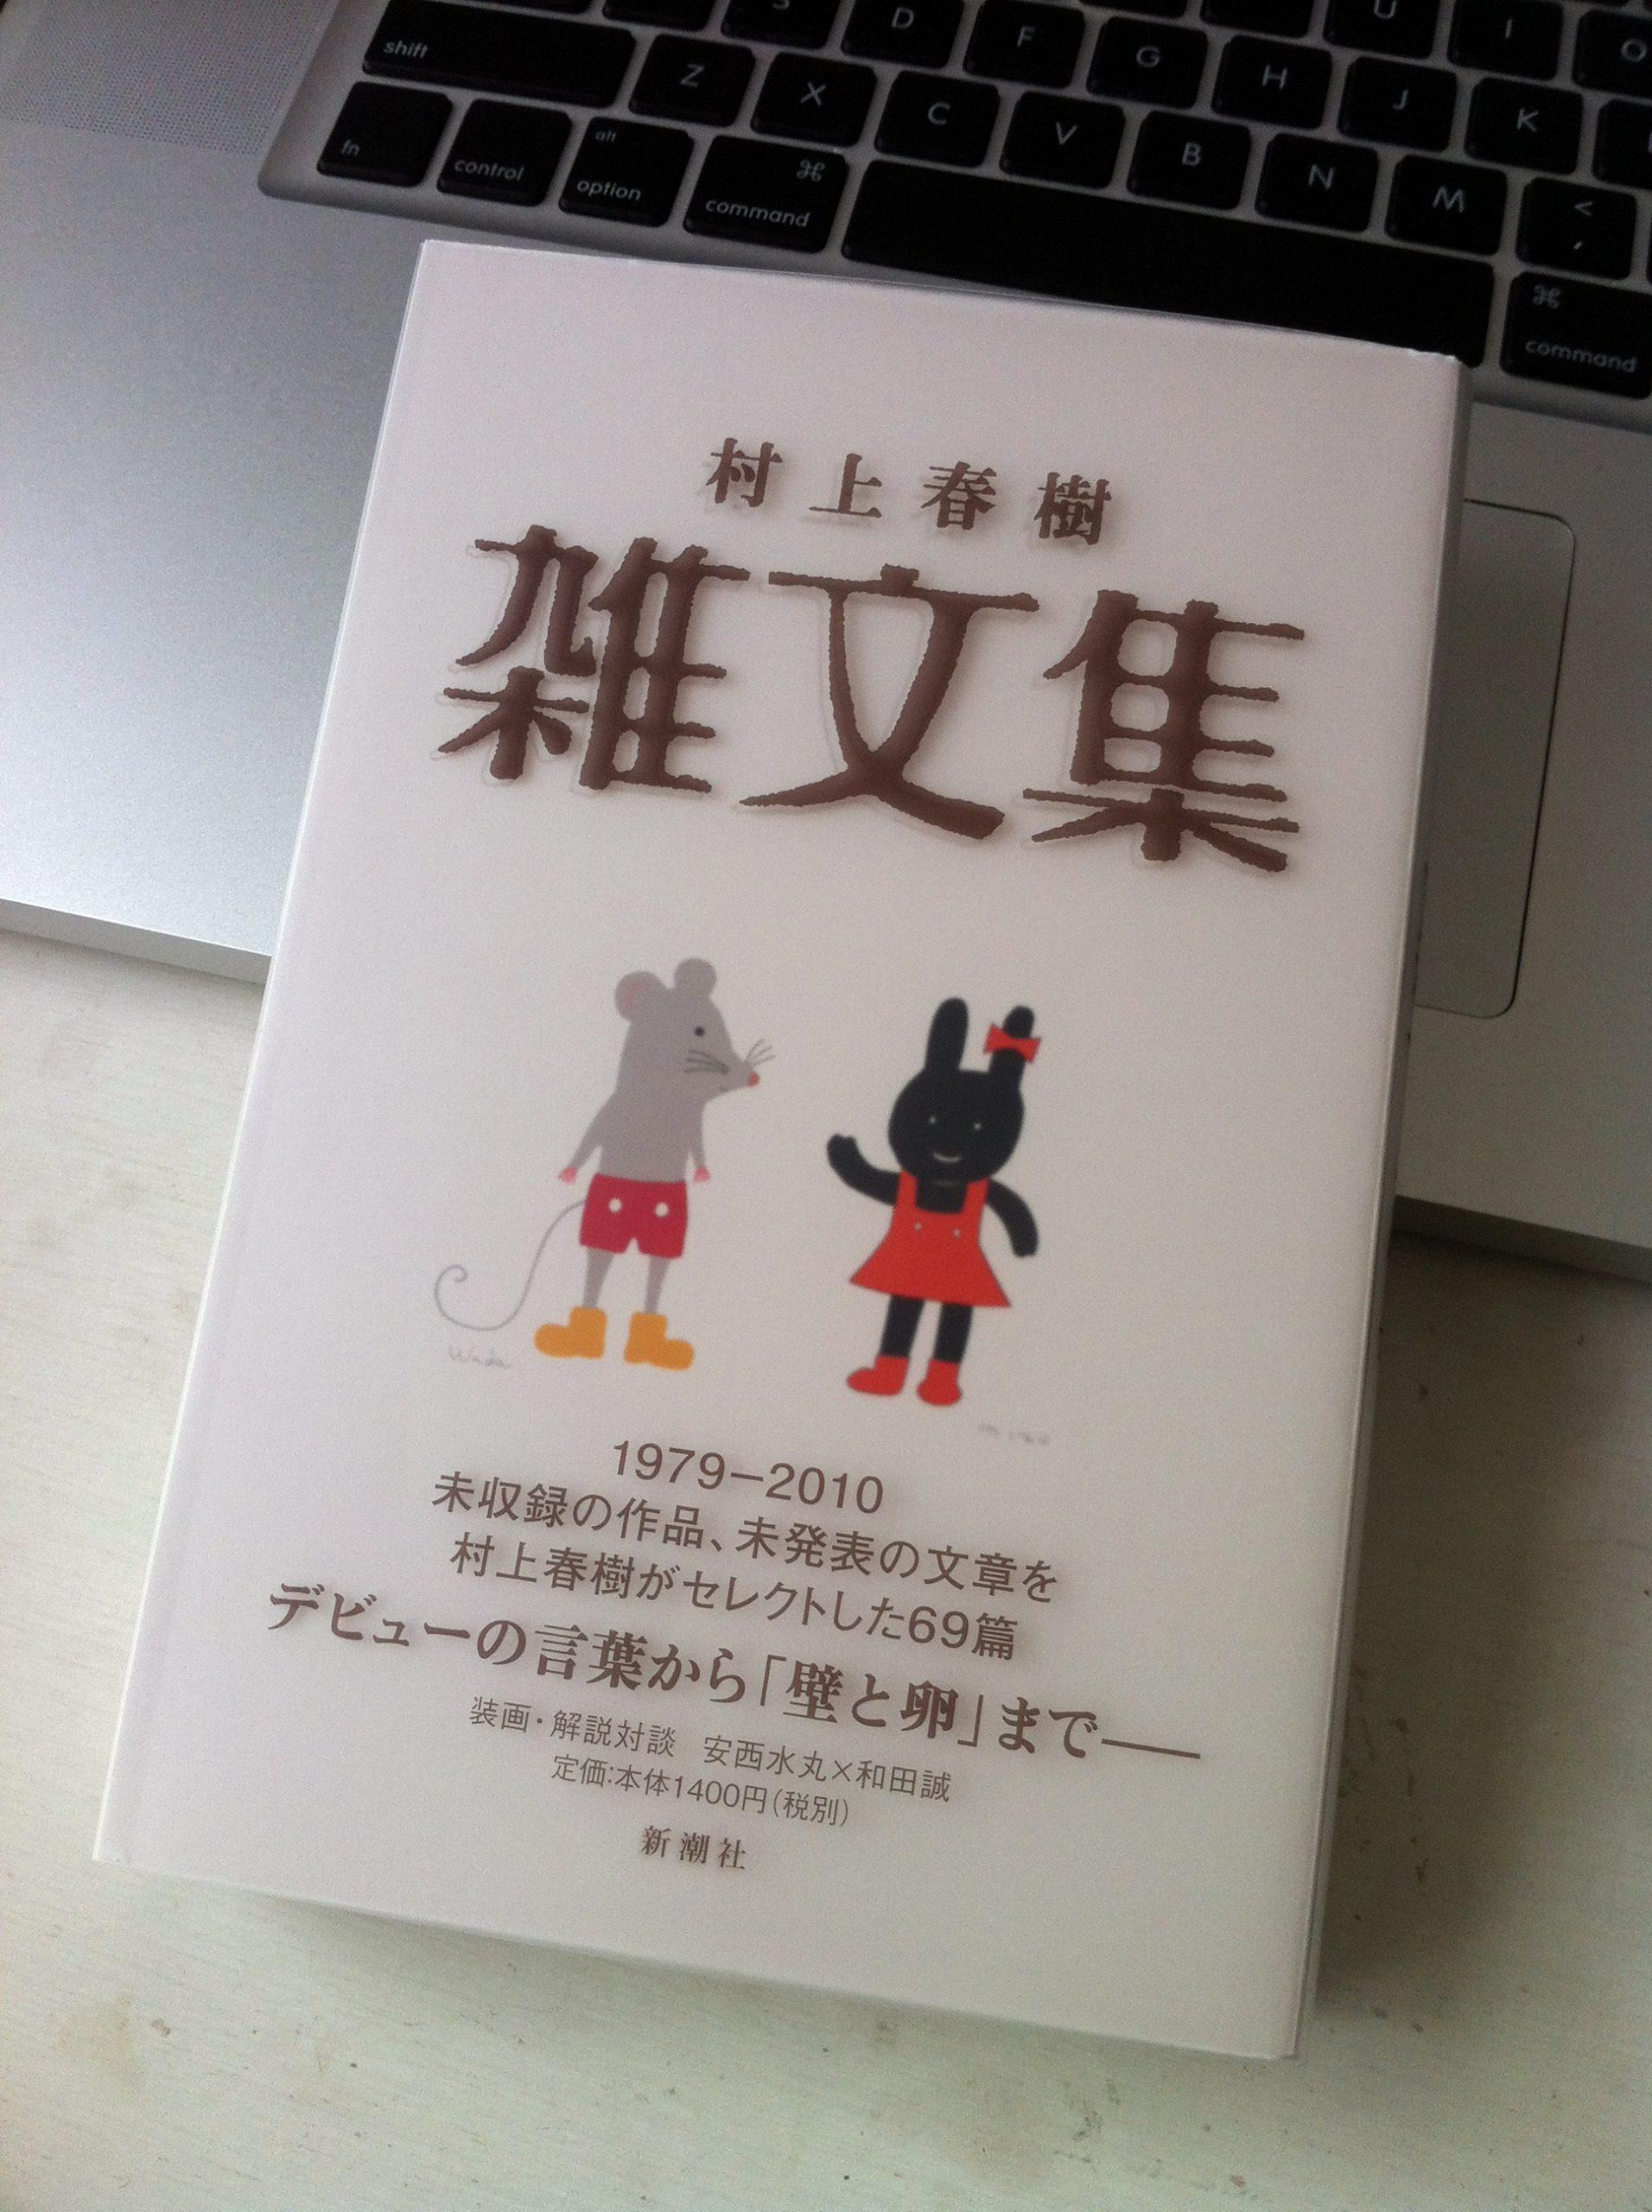 무라카미 하루키 잡문집. 村上 春樹ー雑文集